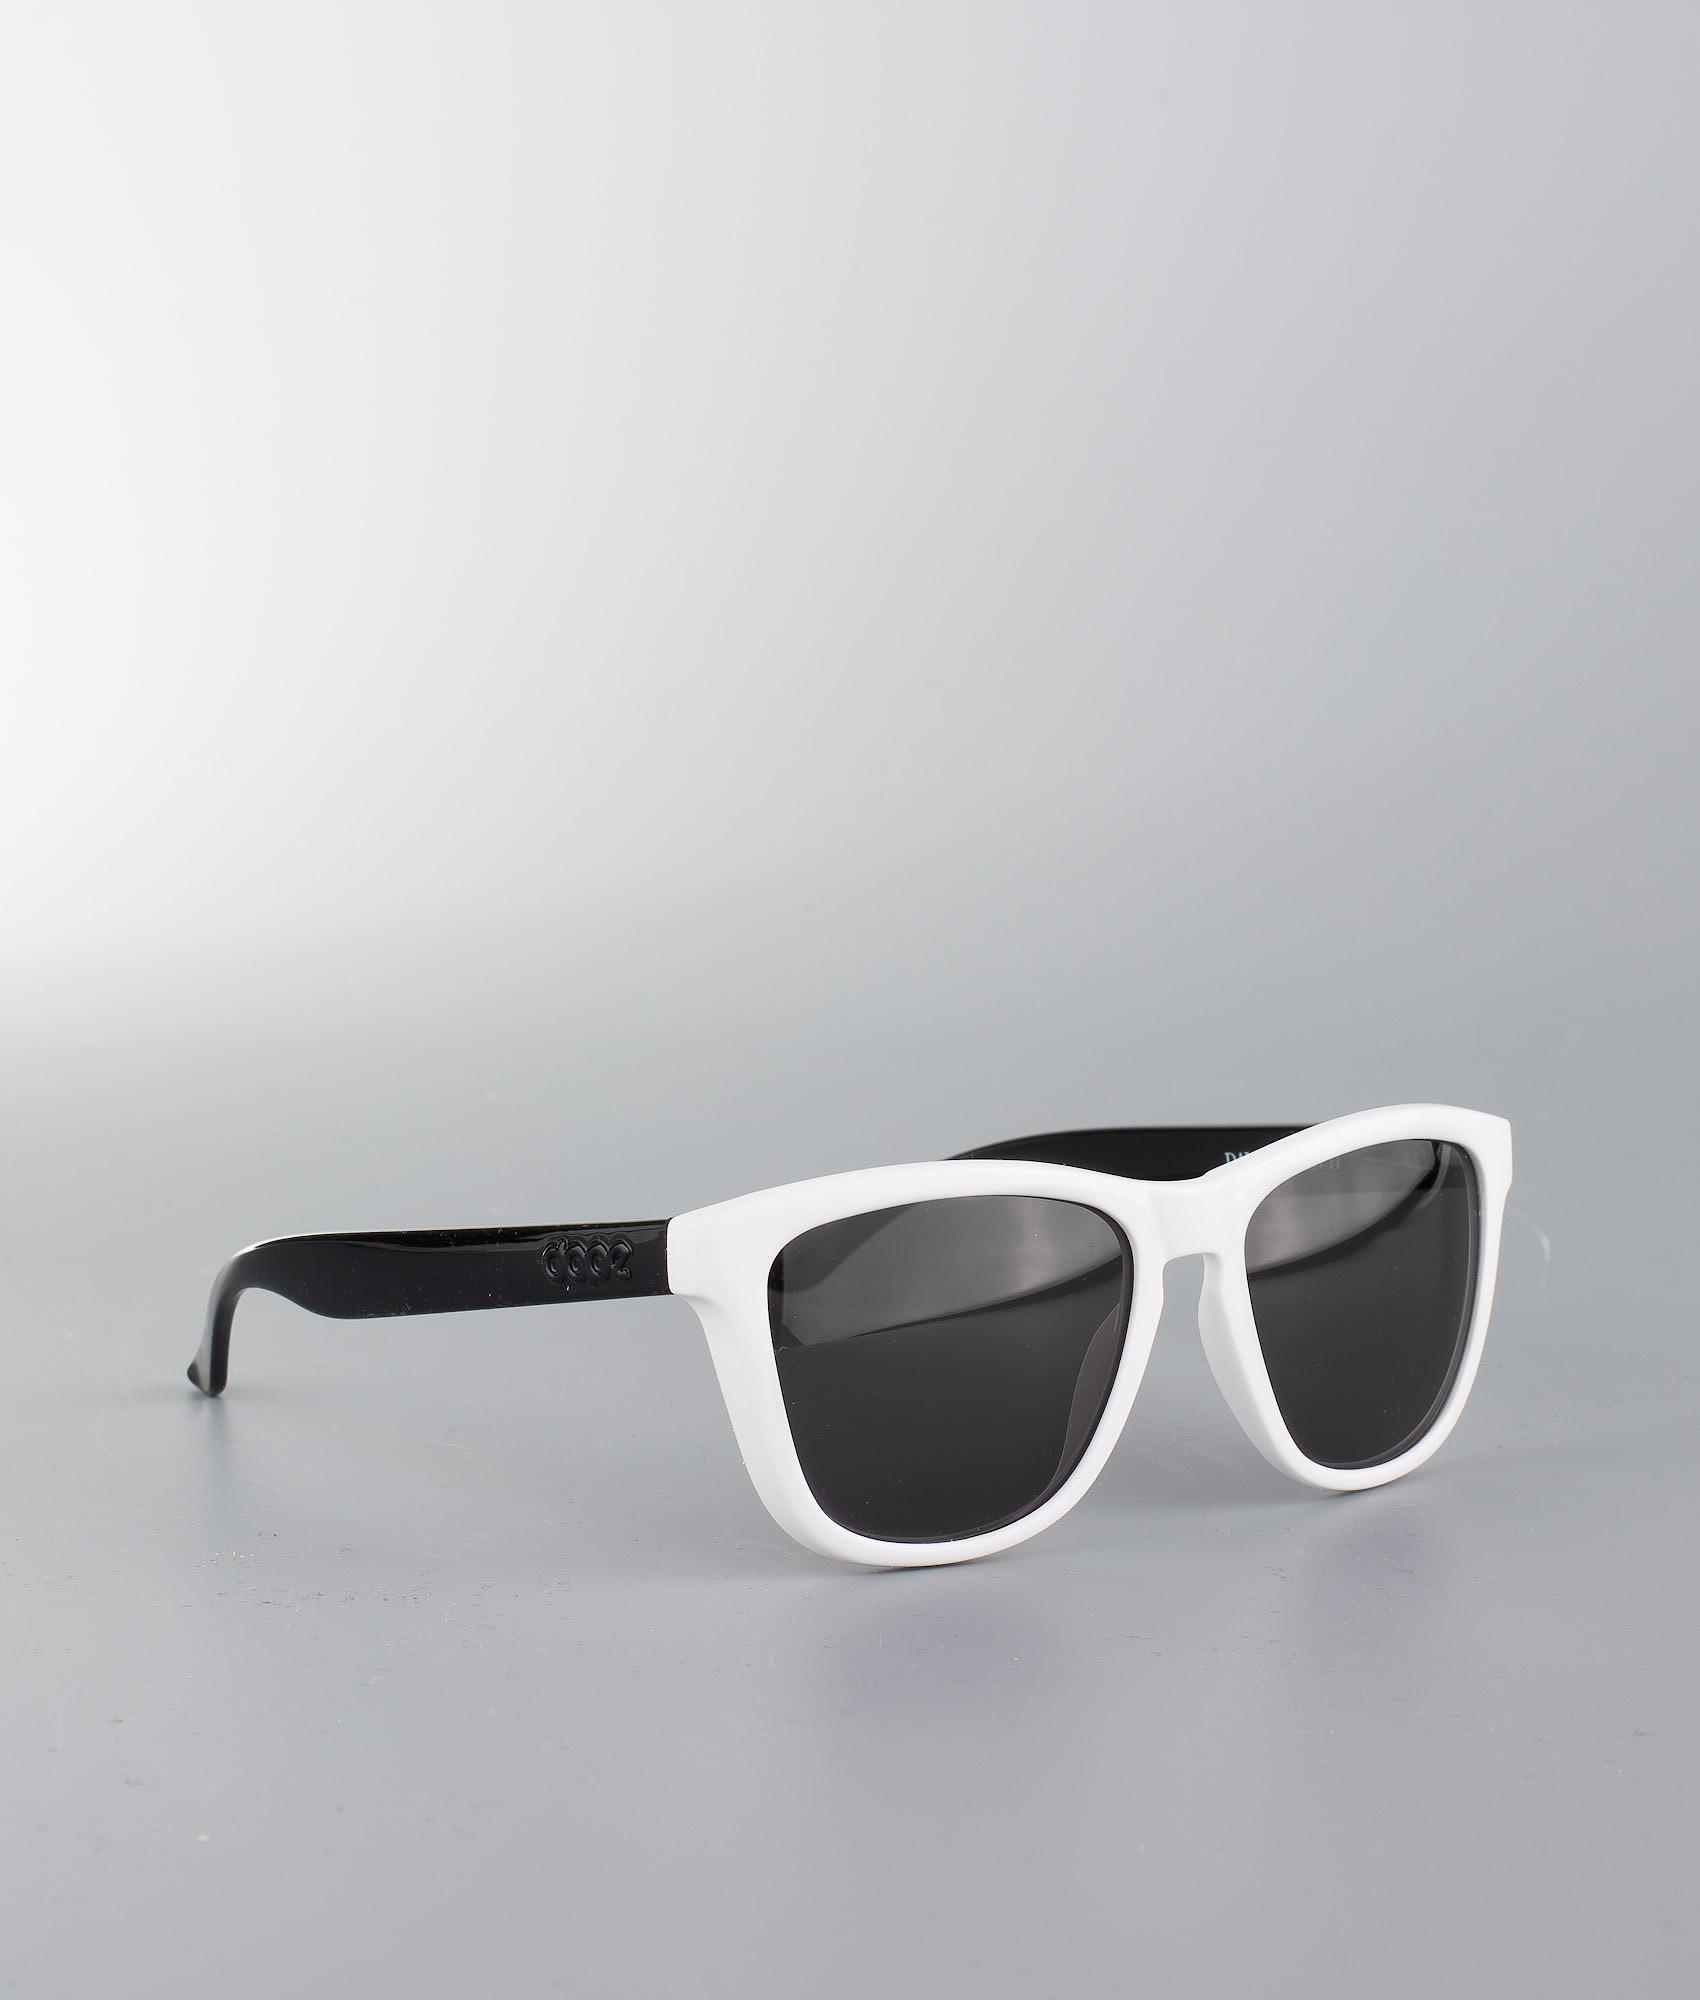 cc4d15a145e0 Herren Sonnenbrillen Streetwear | Kostenlose Lieferung | RIDESTORE